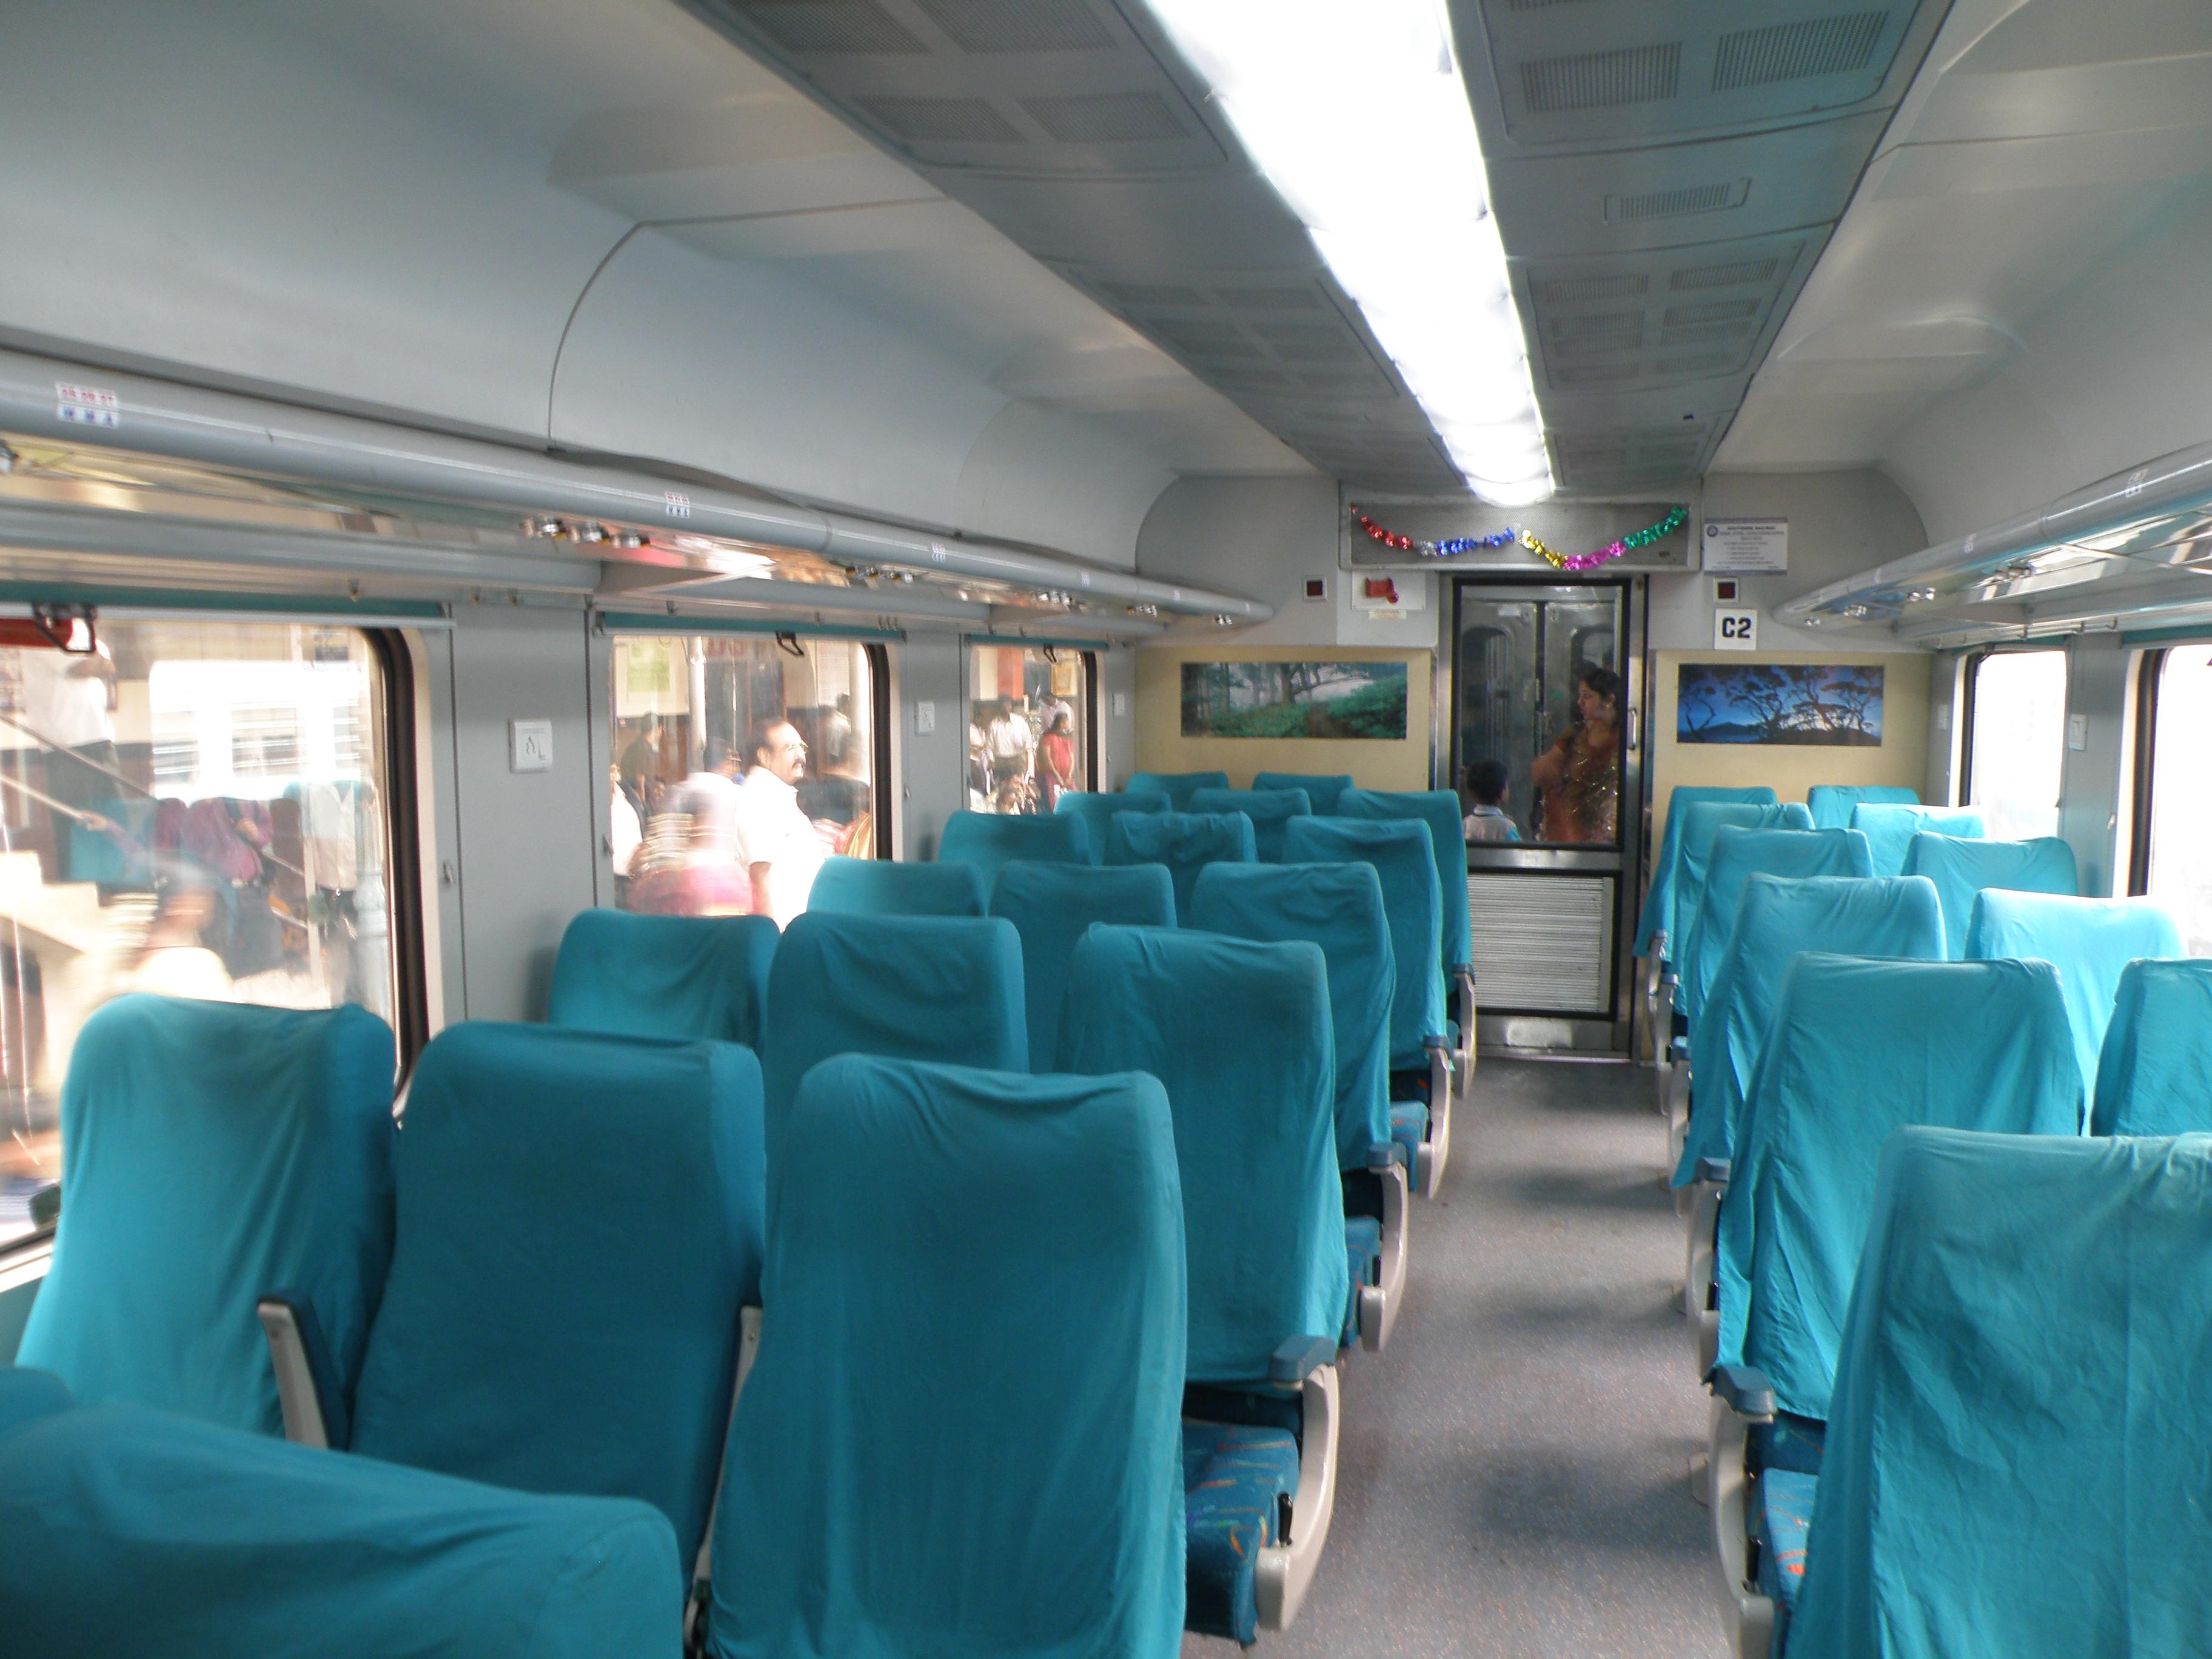 File Cc Class Interior In Mysore Shatabdi Jpg Wikimedia